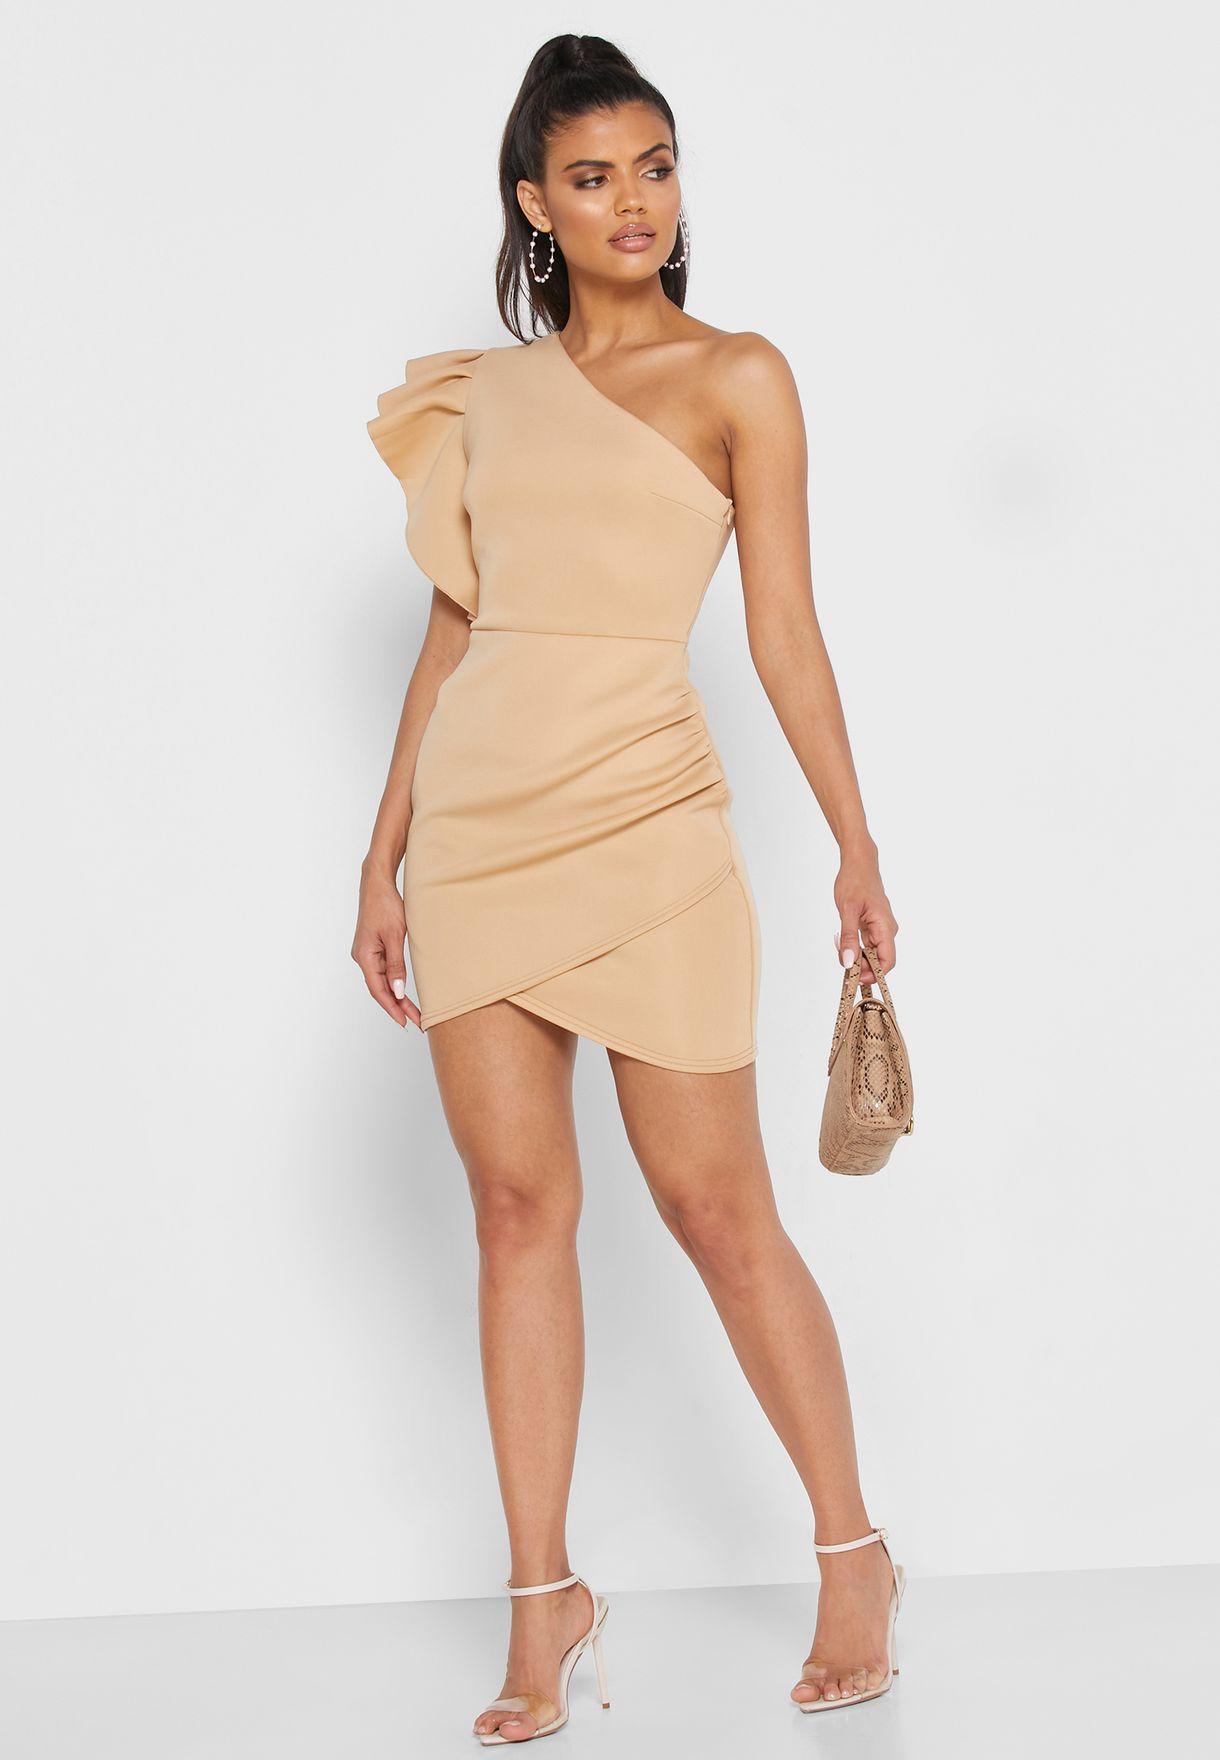 فستان بكتف واحد مزين بالكشكش